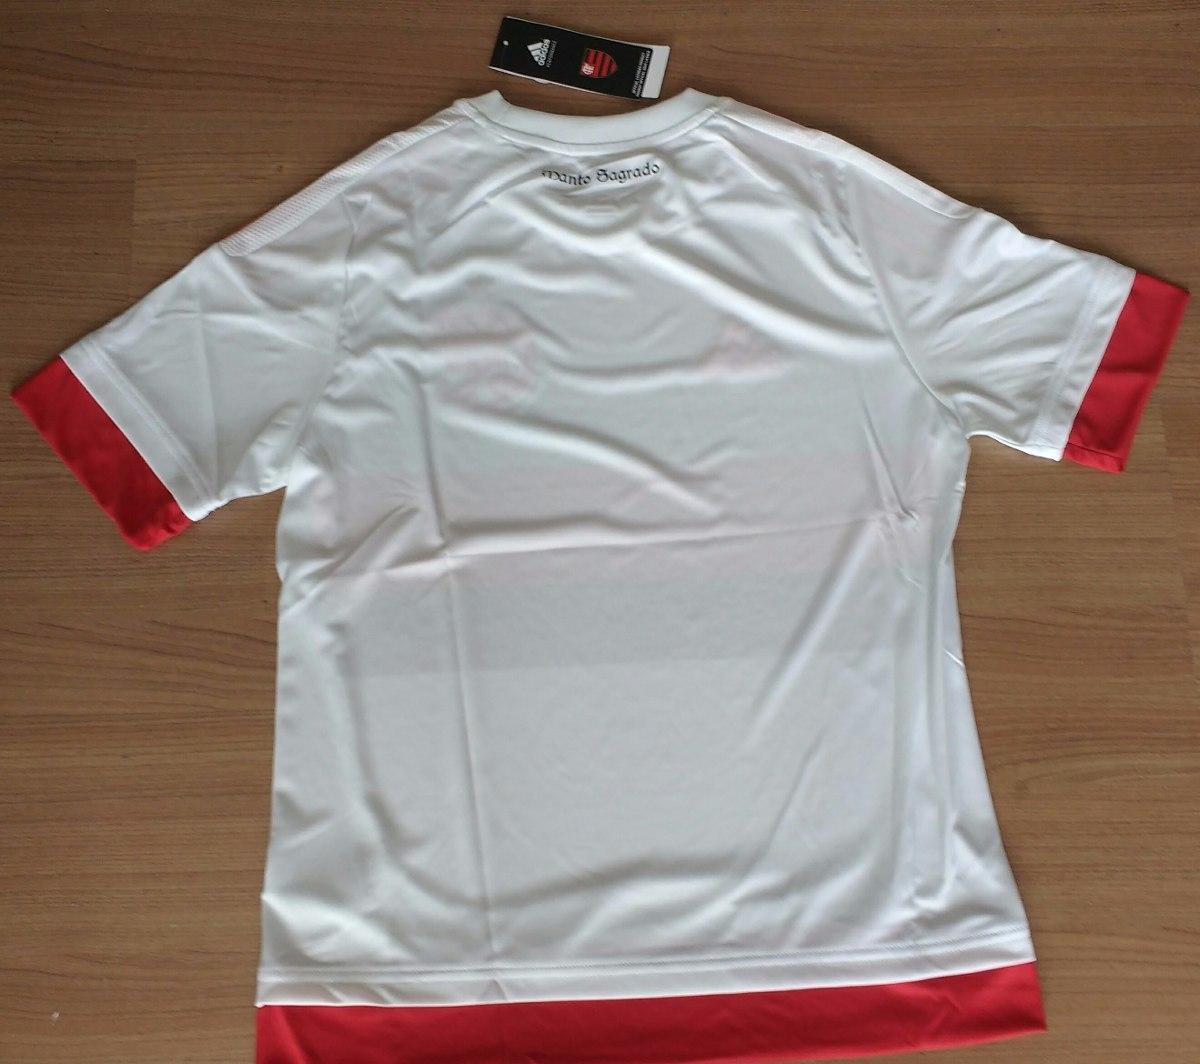 camisa do flamengo feminina original adidas climacool. Carregando zoom. b4f06fb3c3ac6